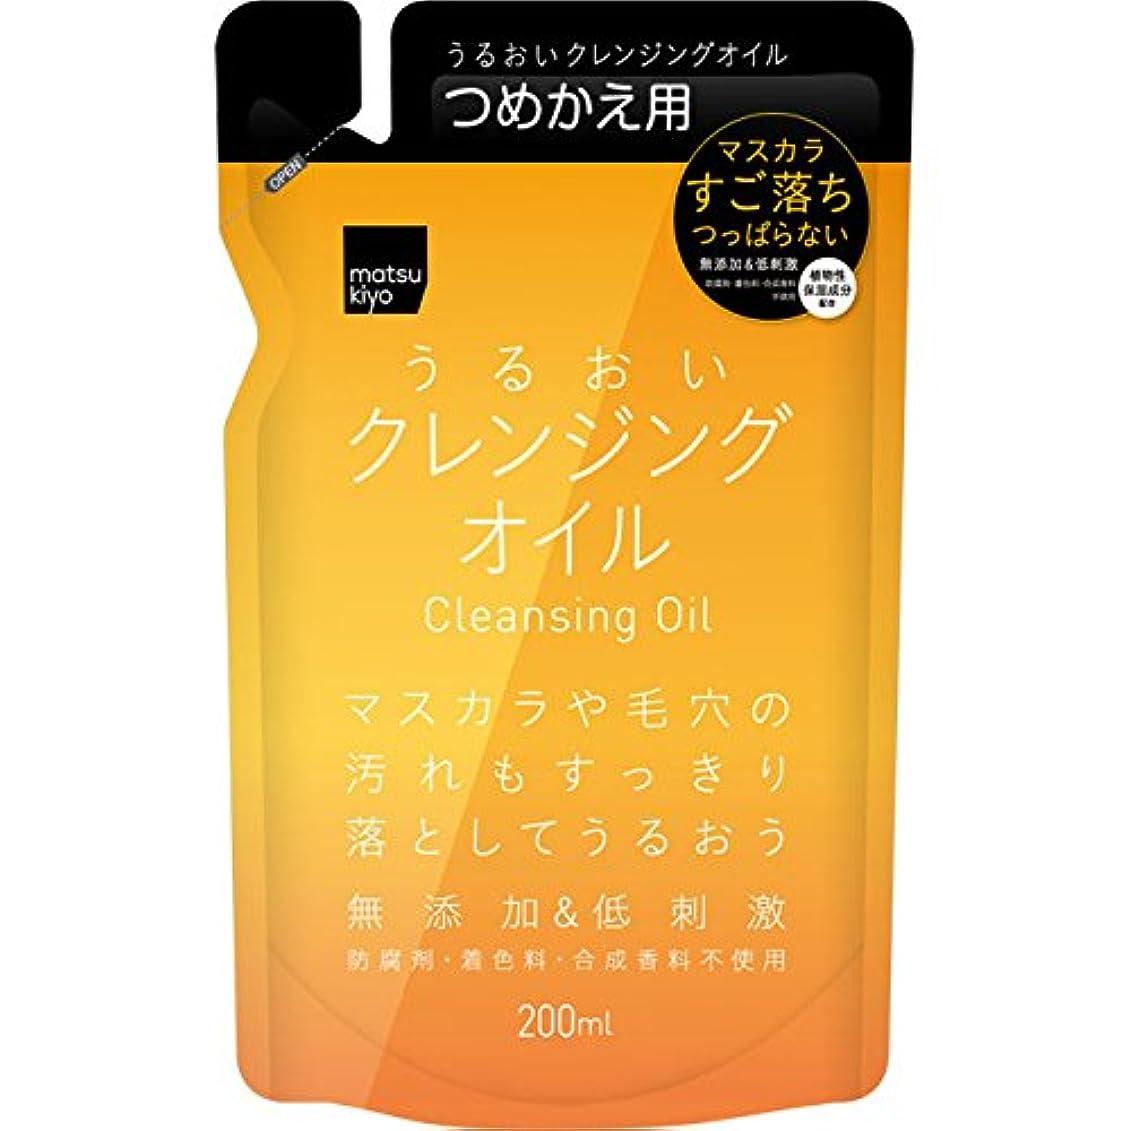 鏡たるみアミューズメントmatsukiyo うるおいクレンジングオイル 詰替 200ml詰替